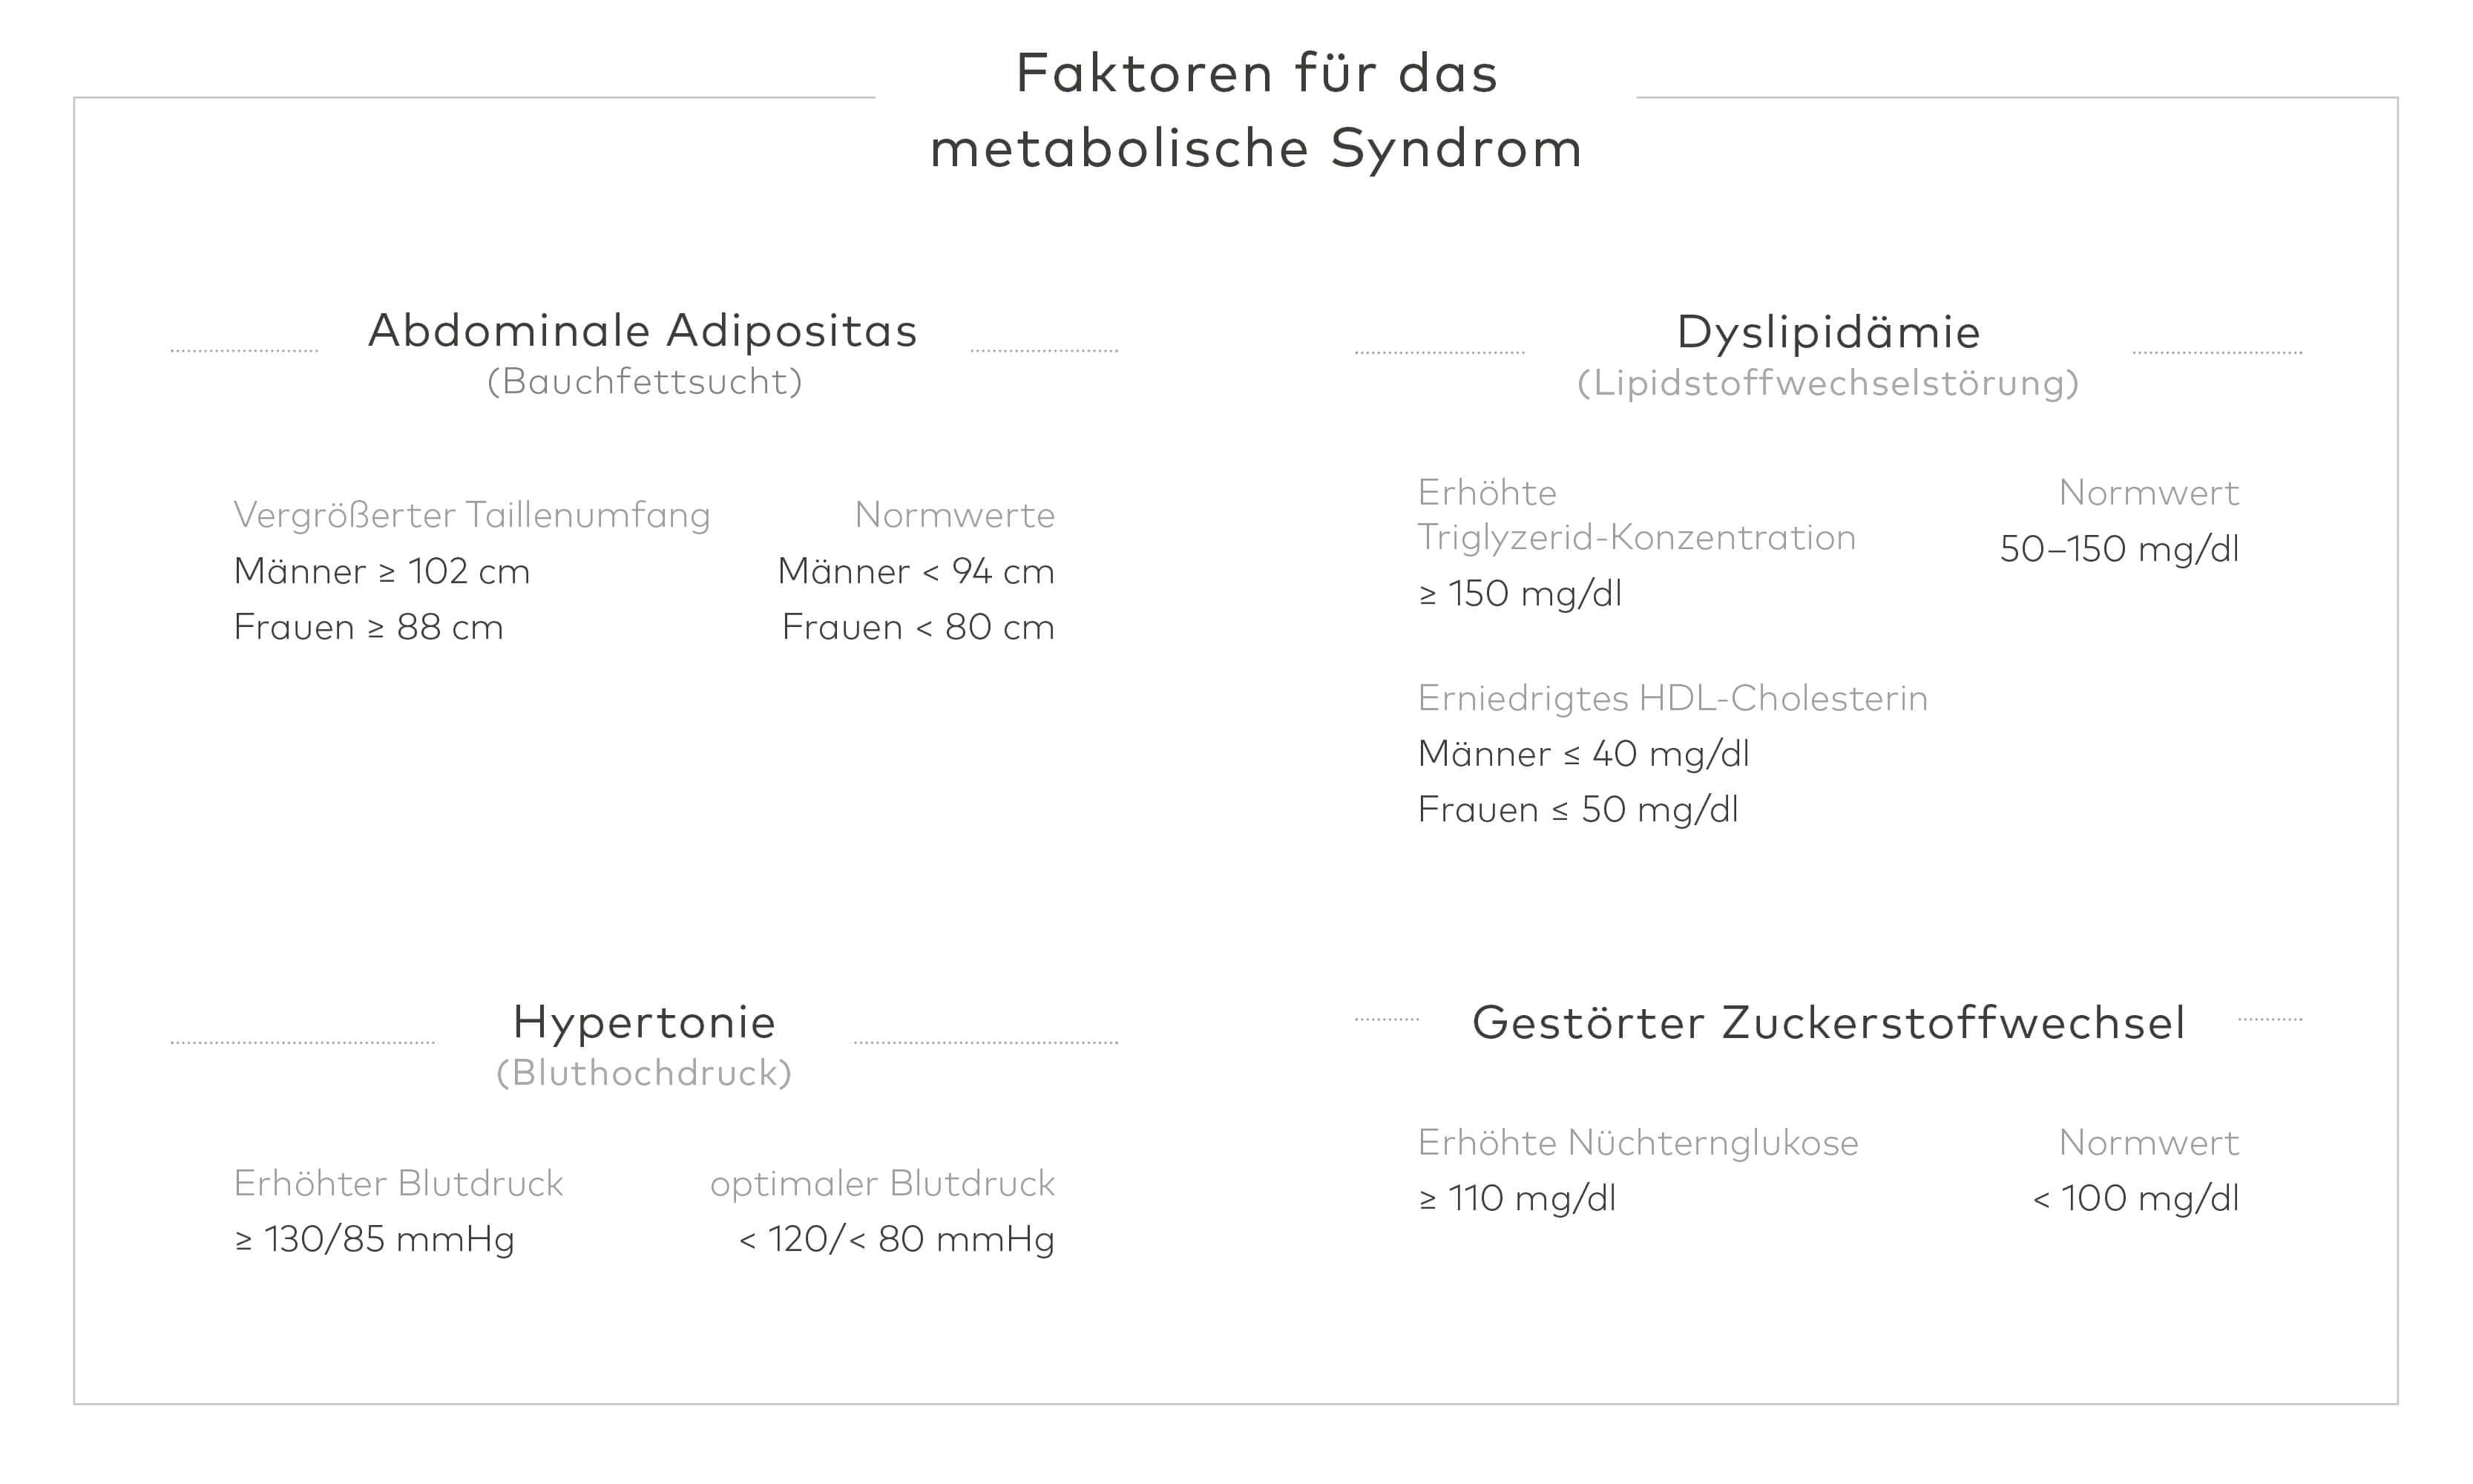 Faktoren über das metabolische Syndrom